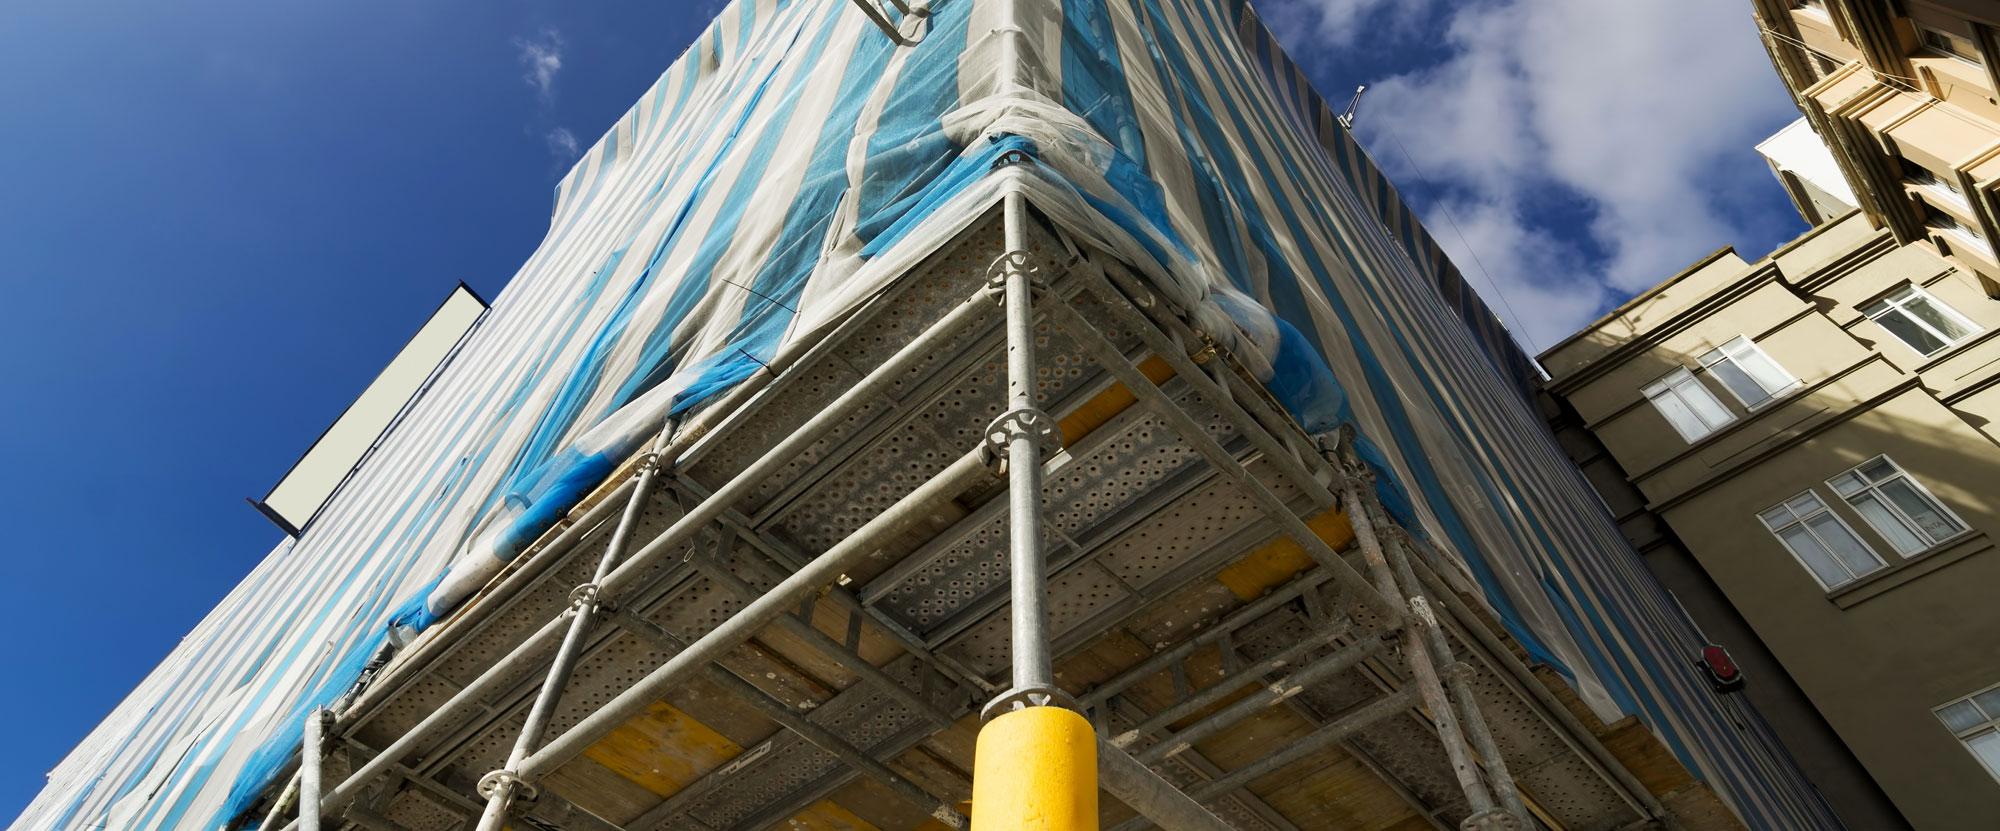 rehabilitaciones de fachadas